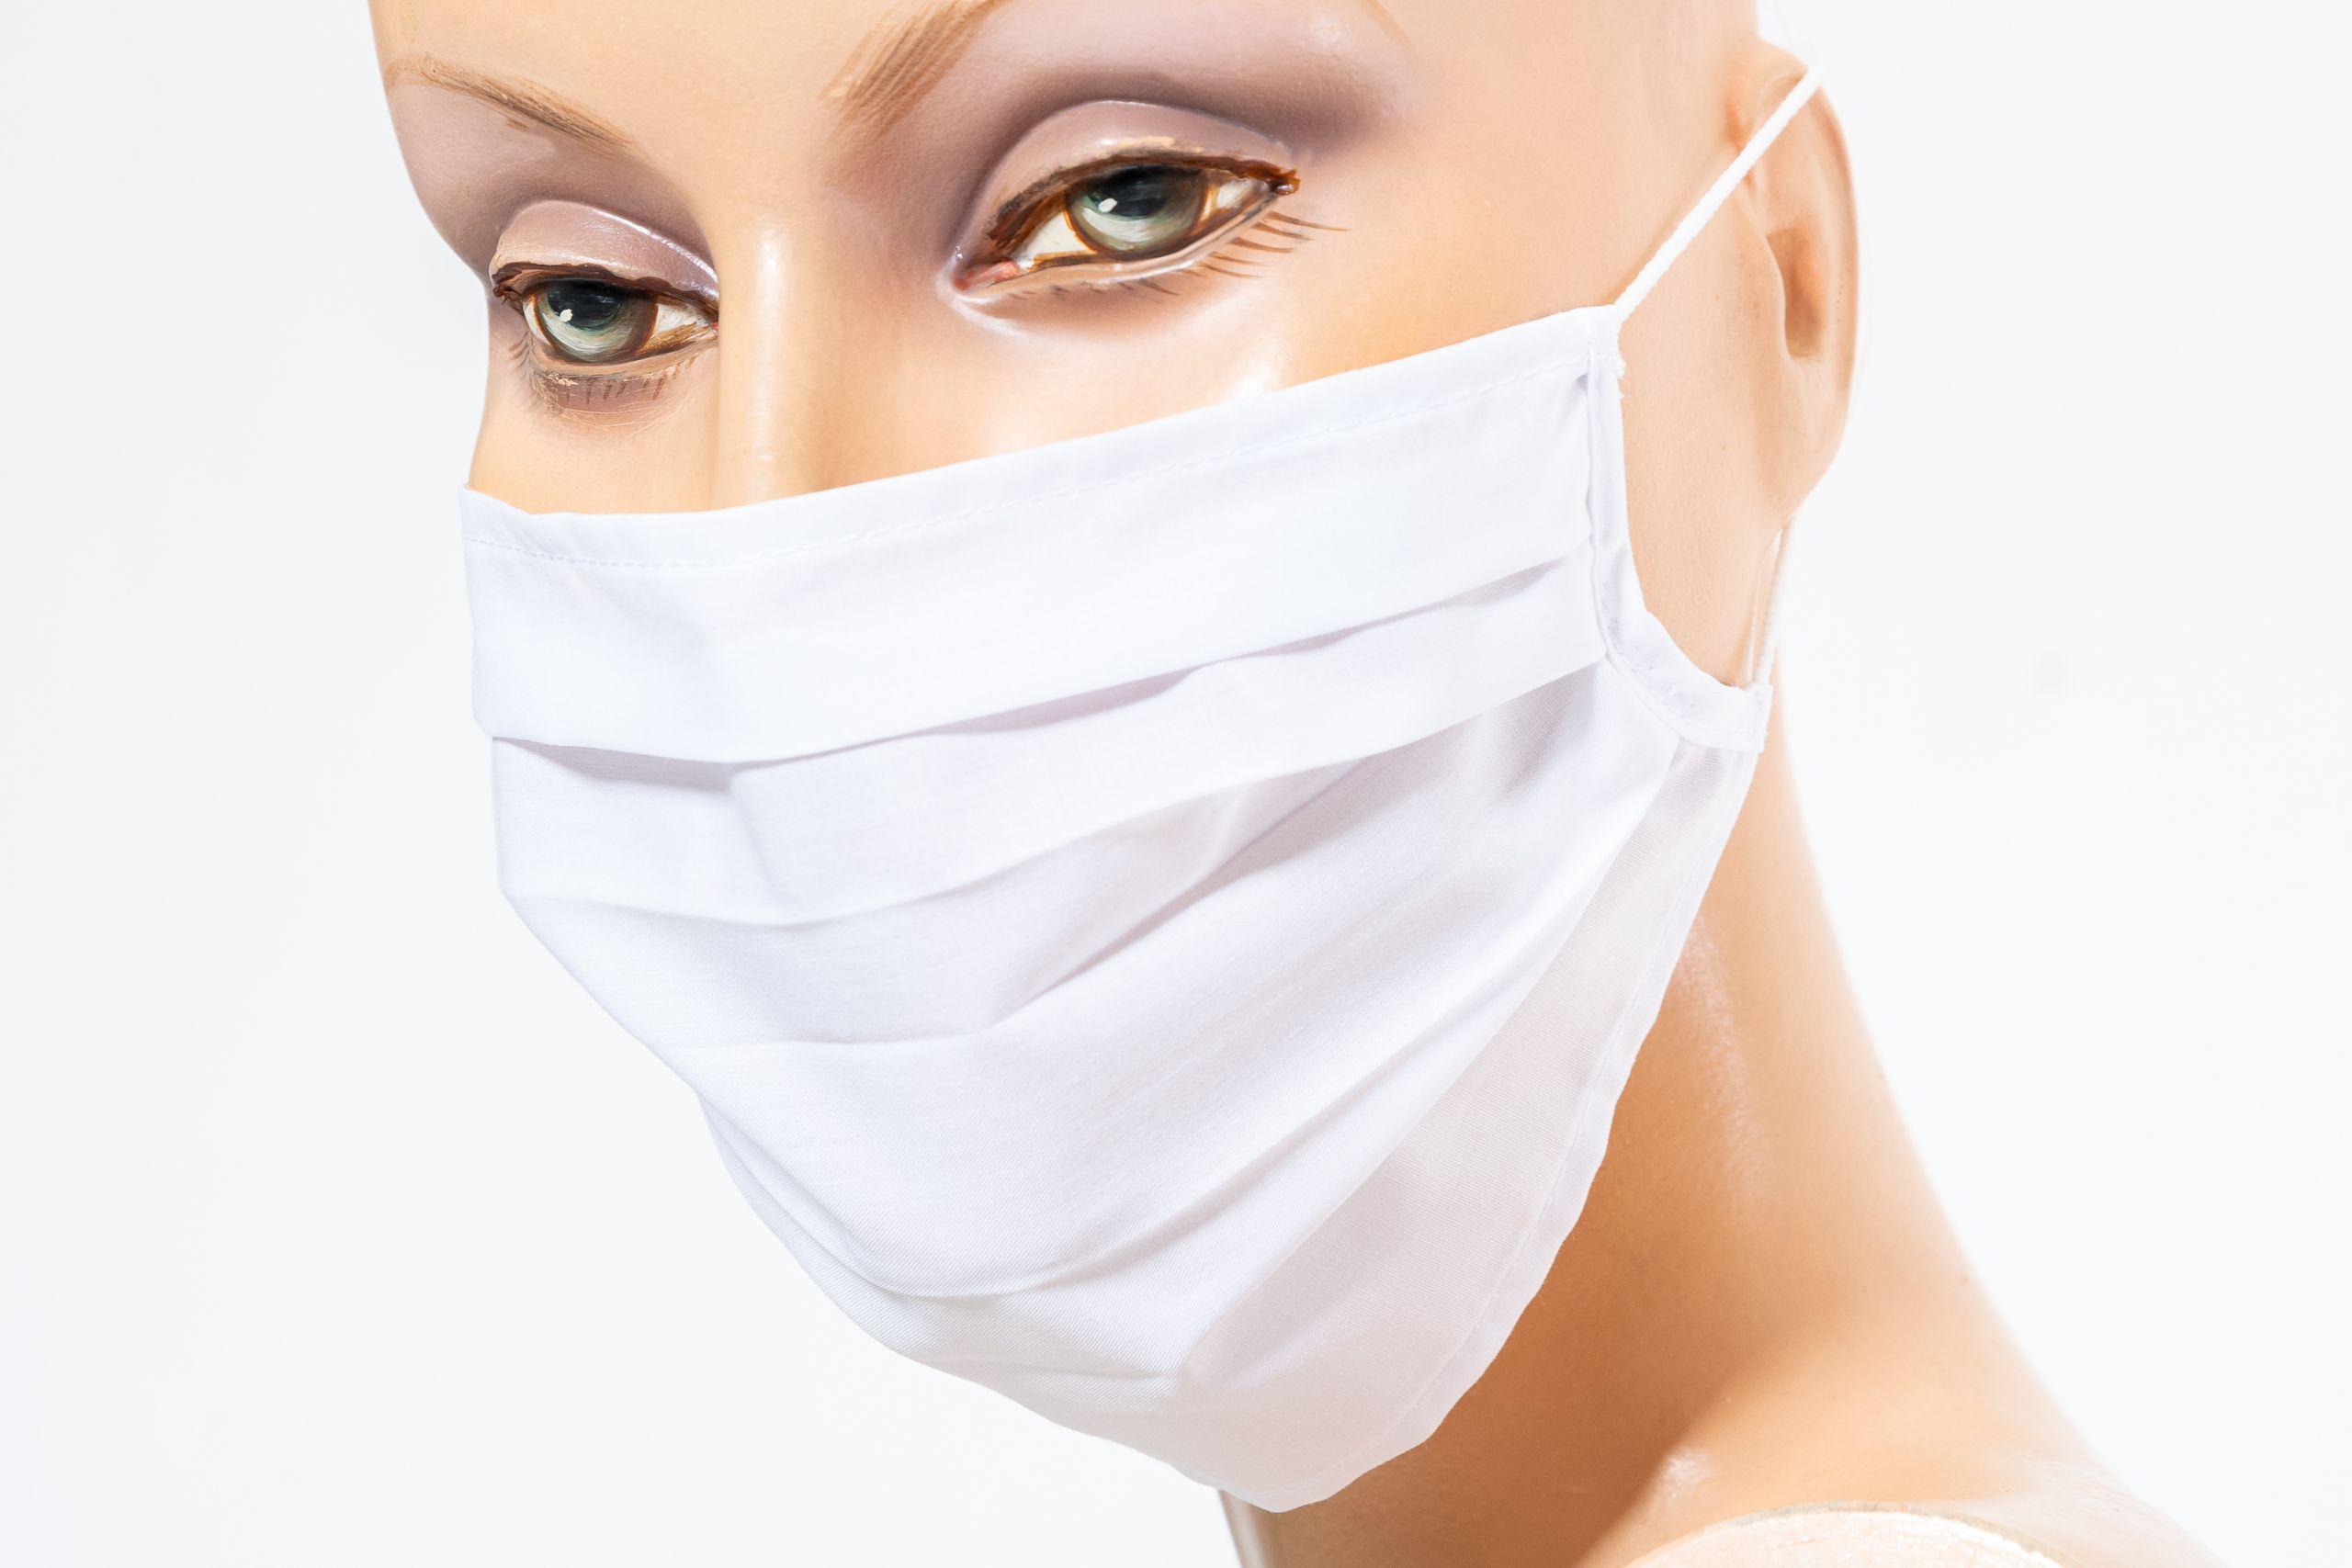 Frau mit weisser Maske linke Seite Balder Care (c) Markus Flicker